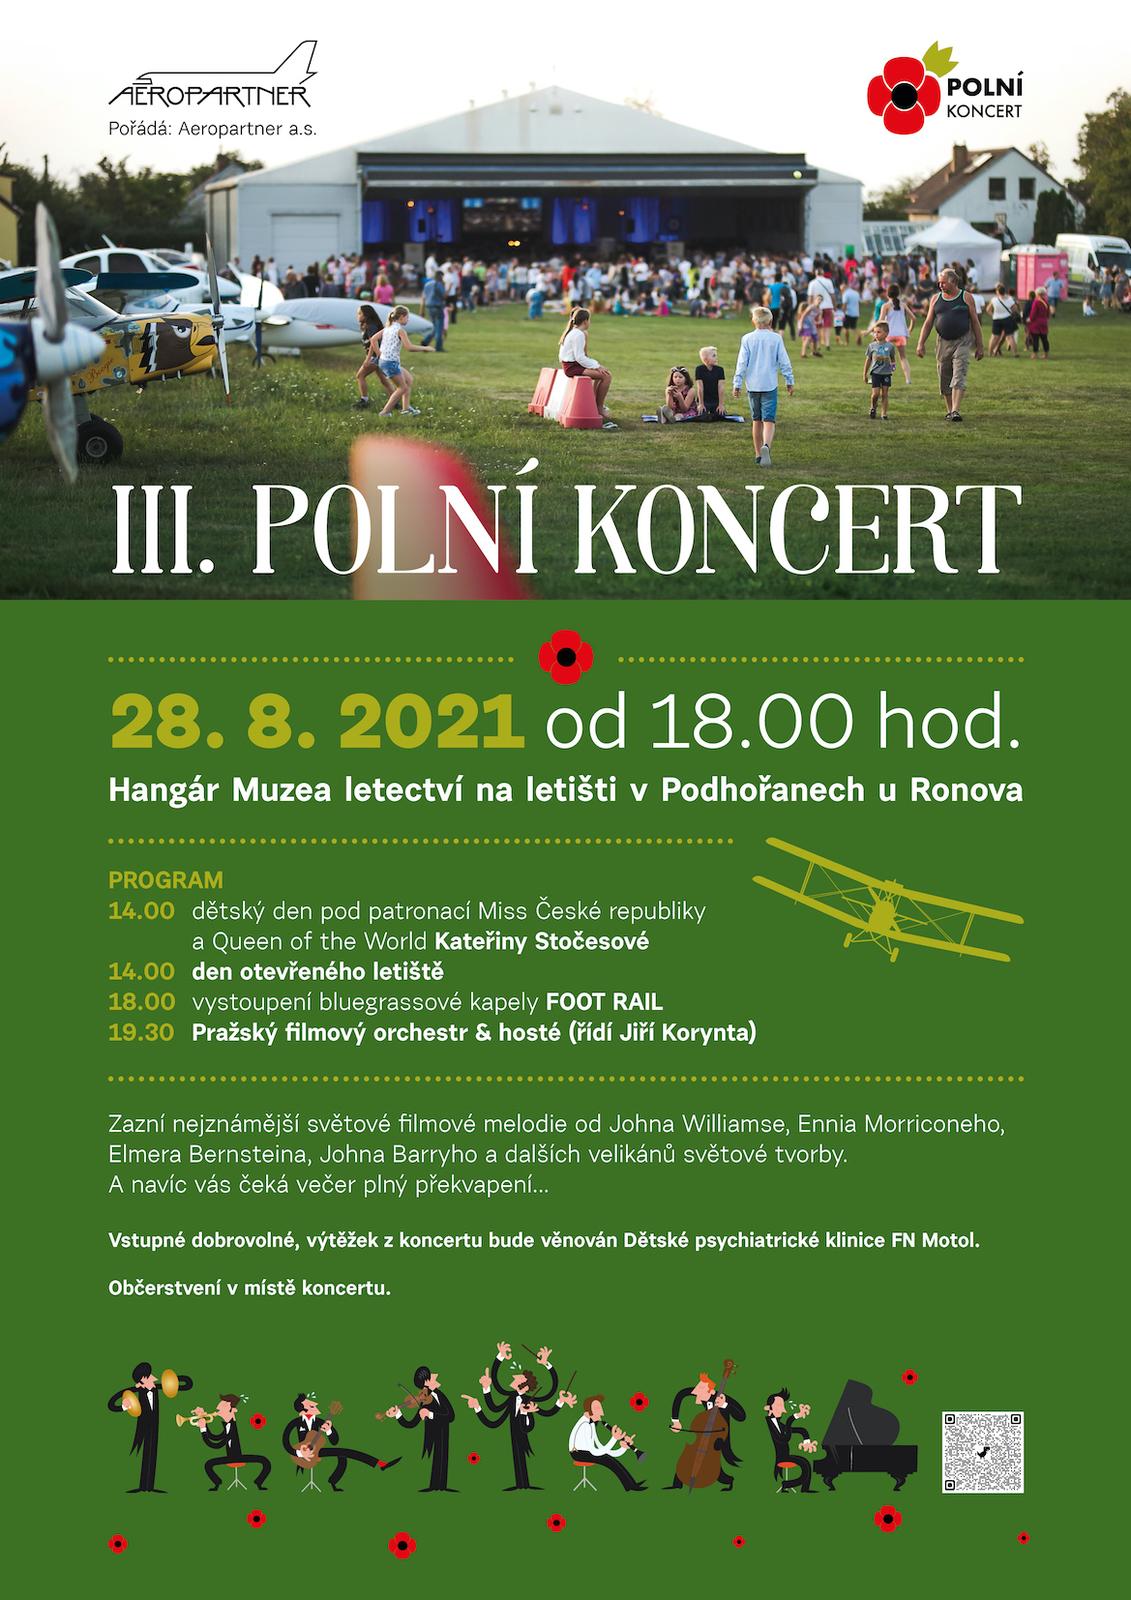 Polni koncert III